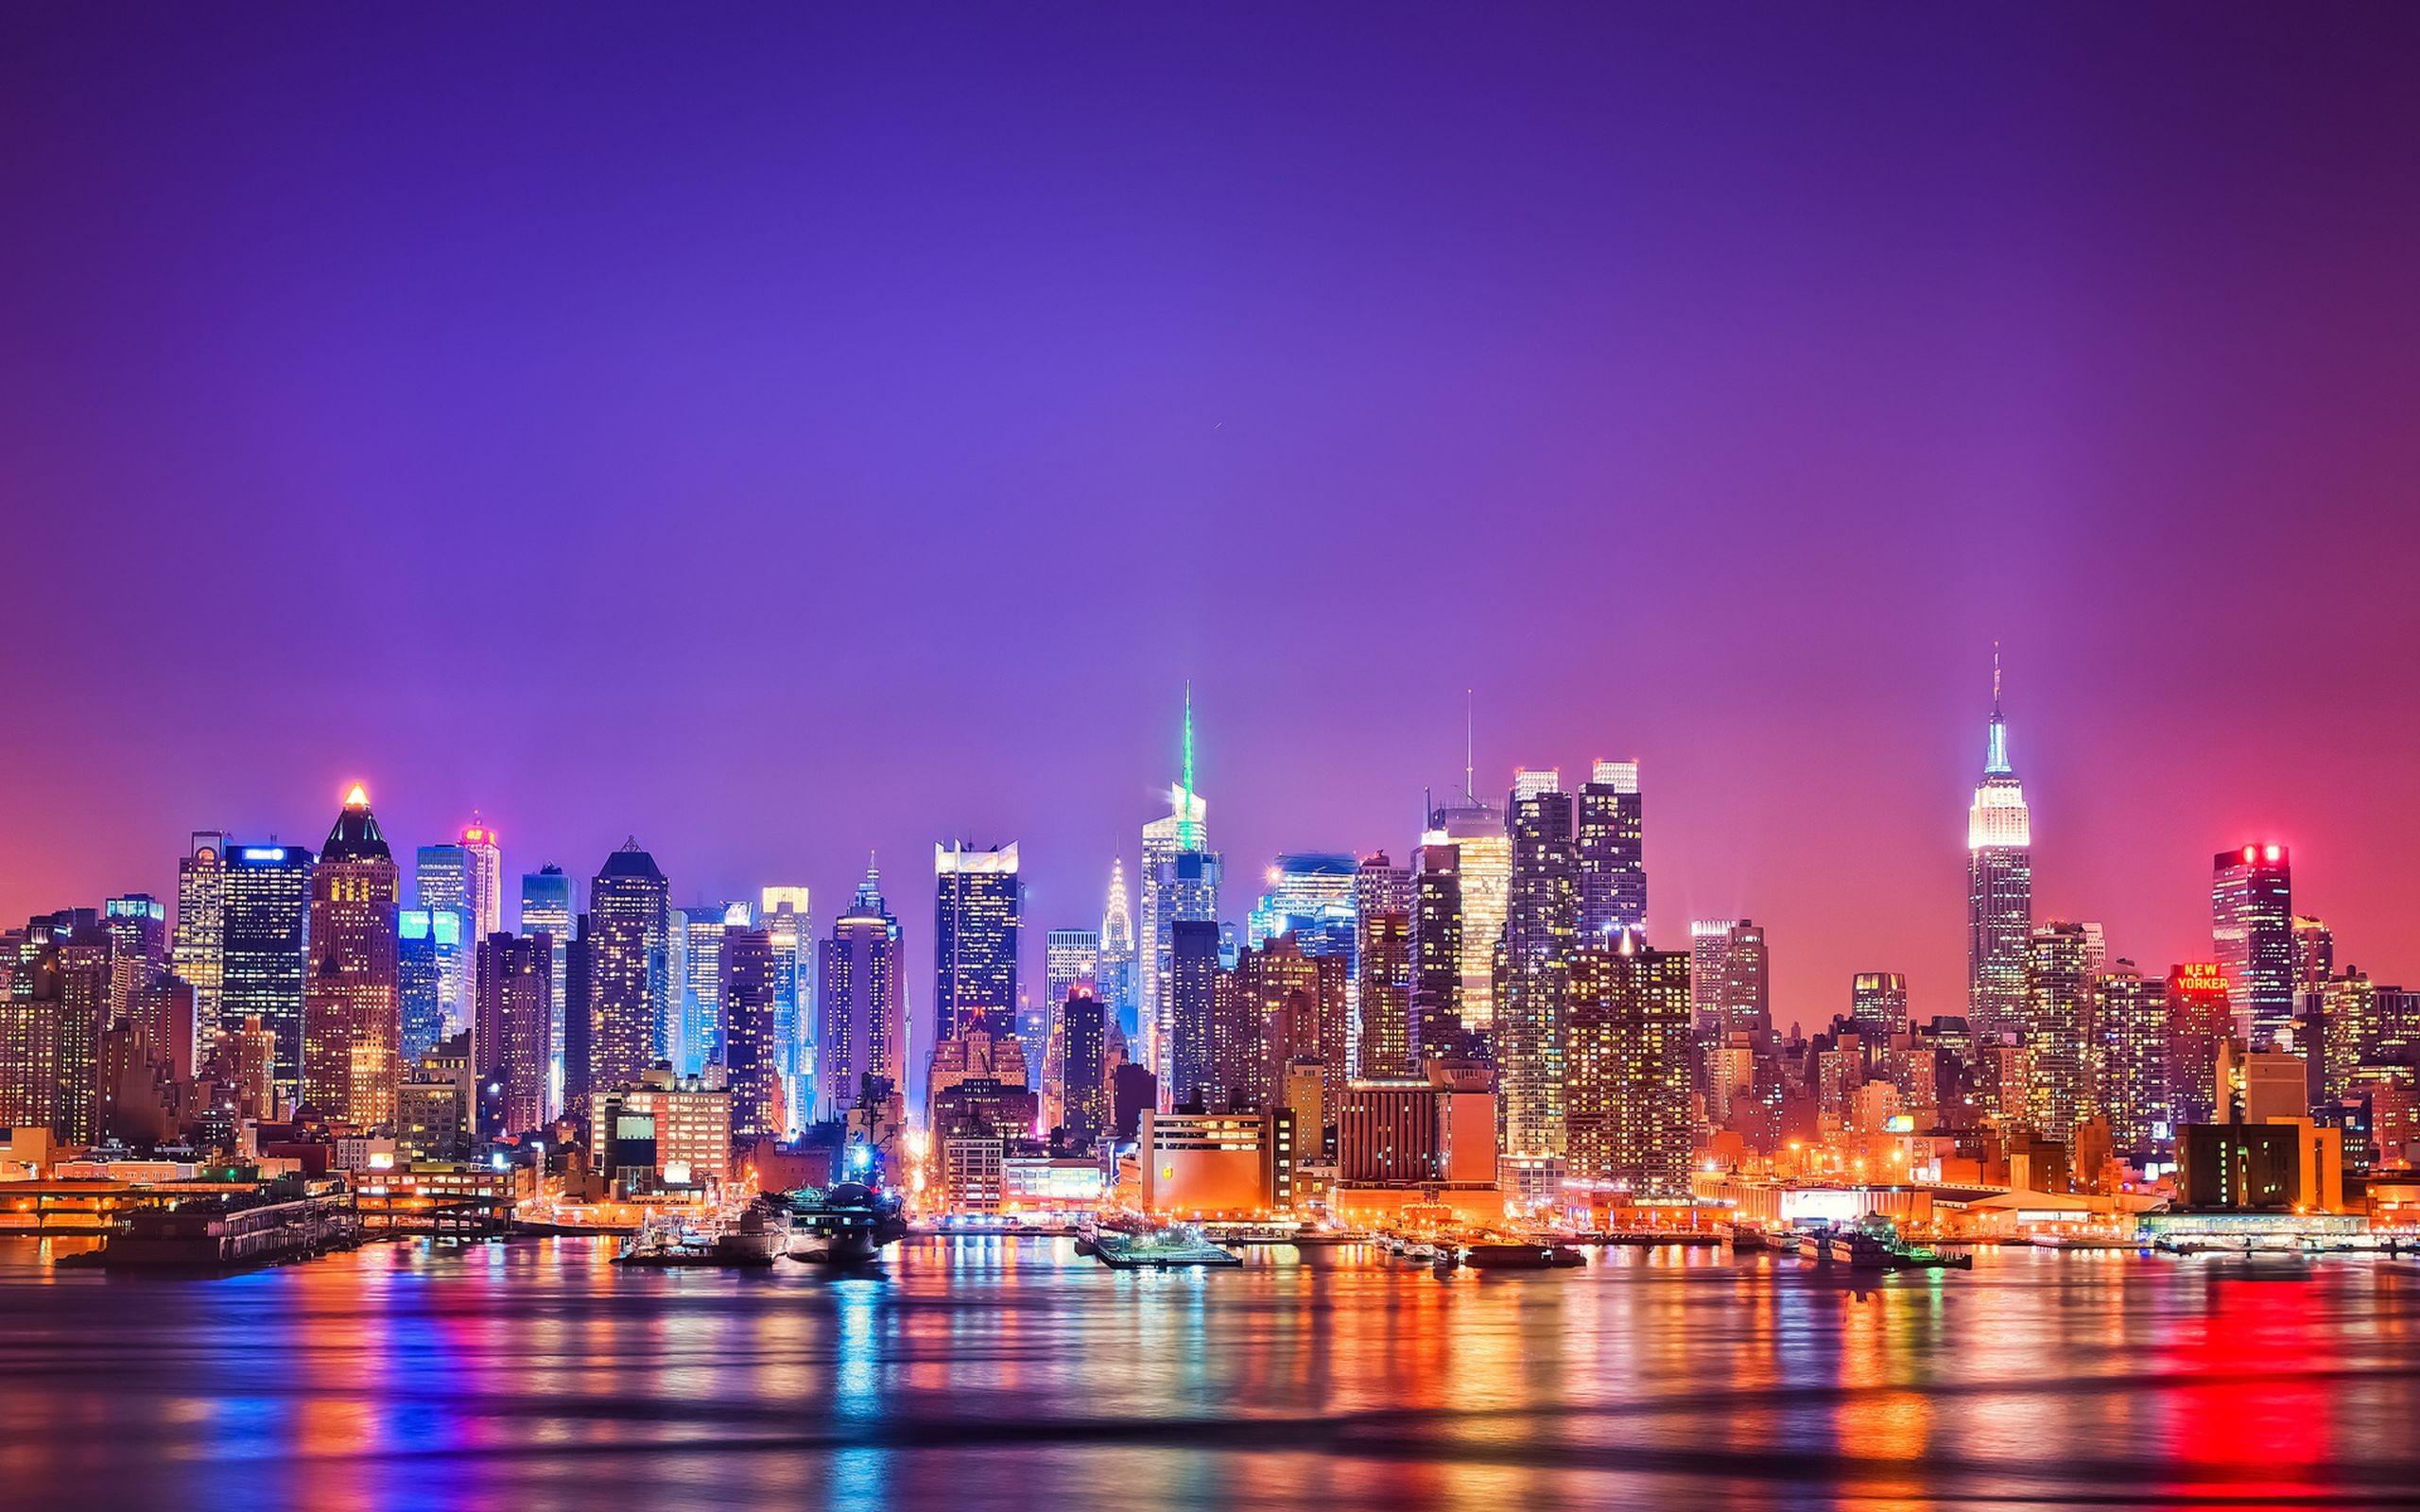 Ciudad de Nueva York - 2560x1600